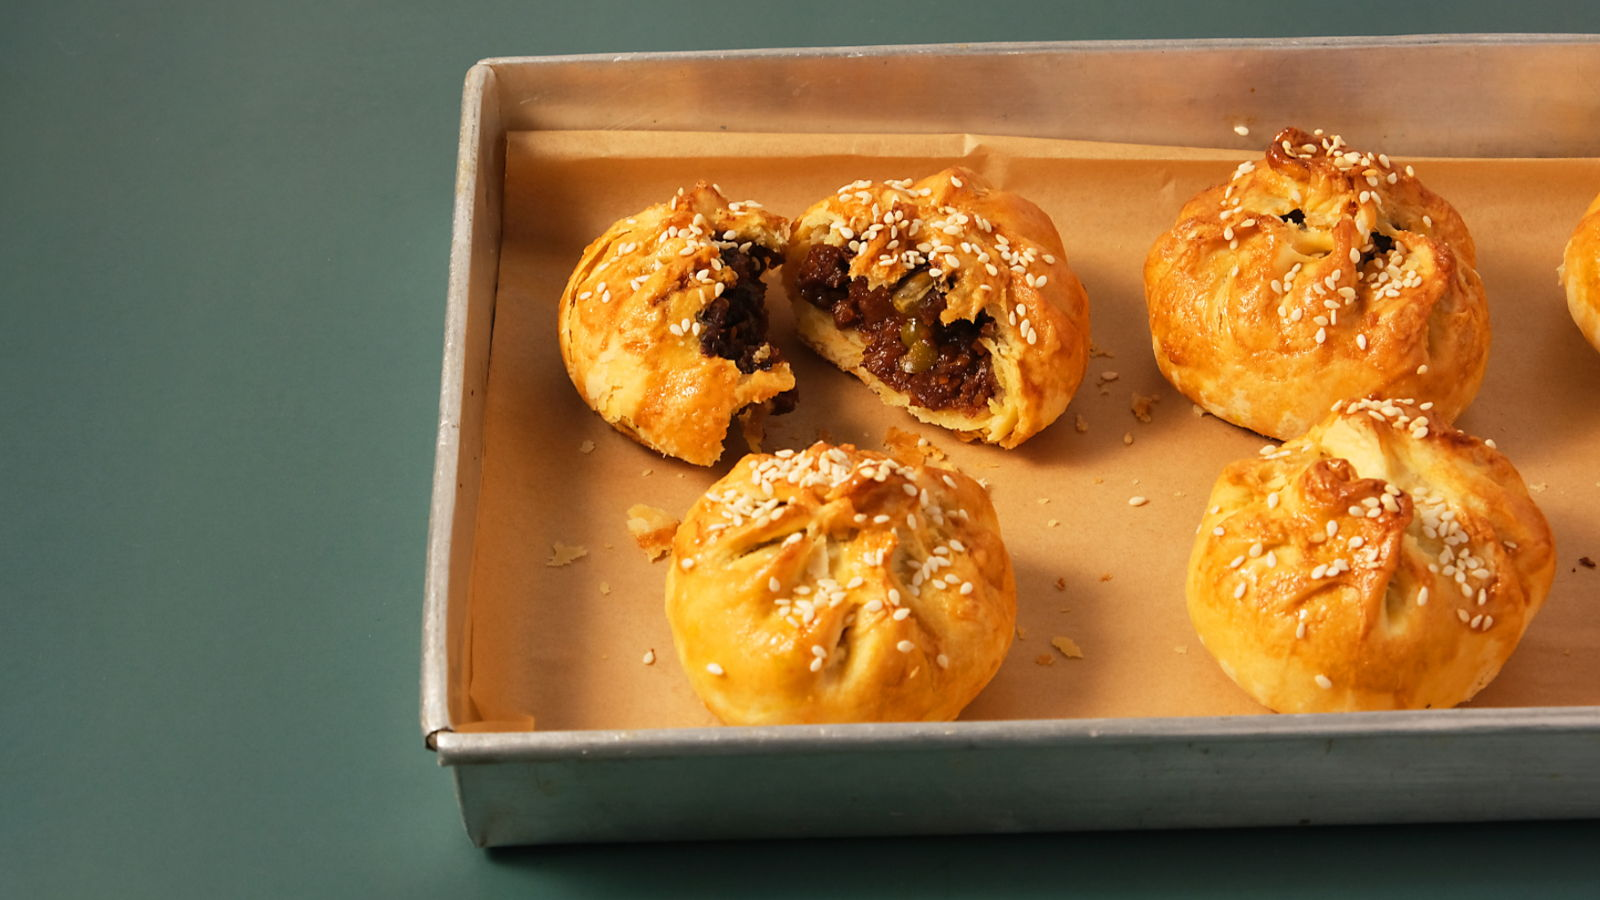 Siu Bao/ Seremban Siew Pau (Crispy and Flaky BBQ Pork Buns)